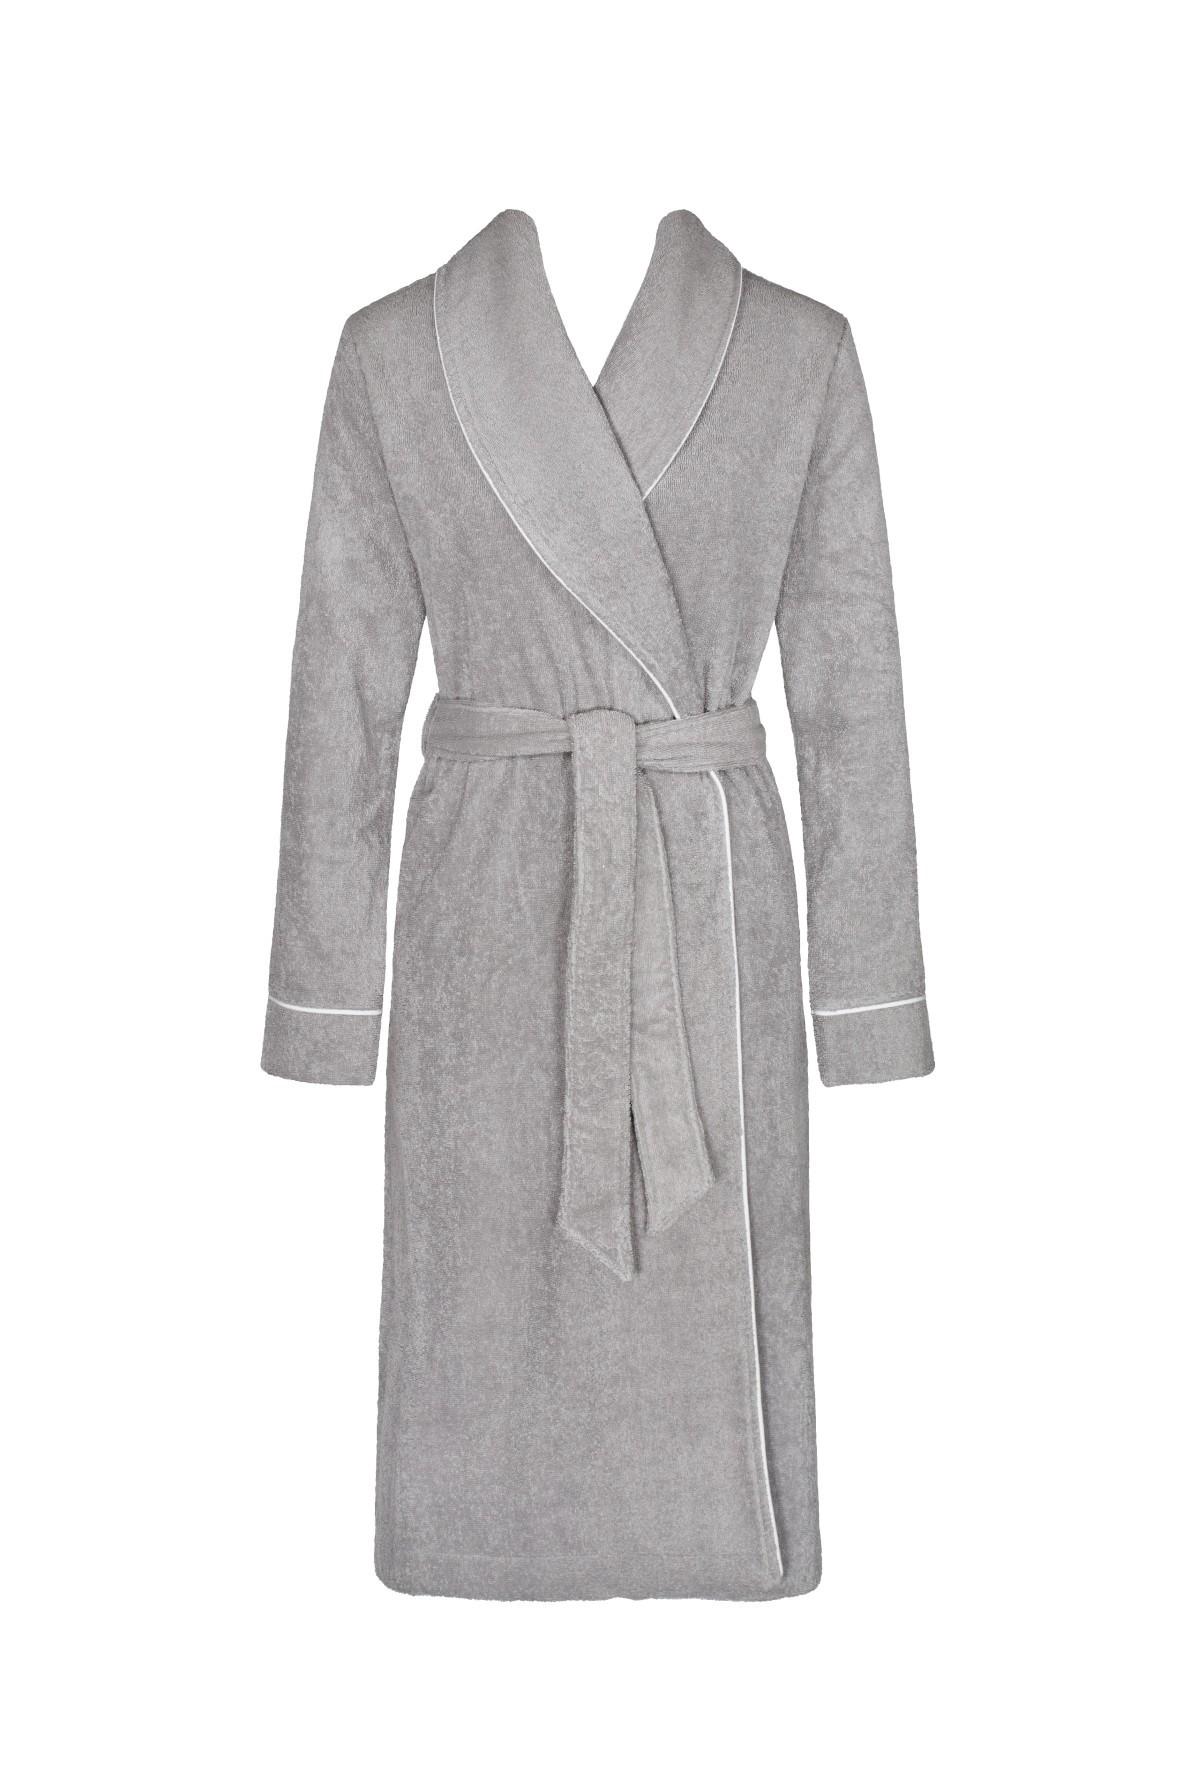 Szary szlafrok damski Triumph Robes Long Robe